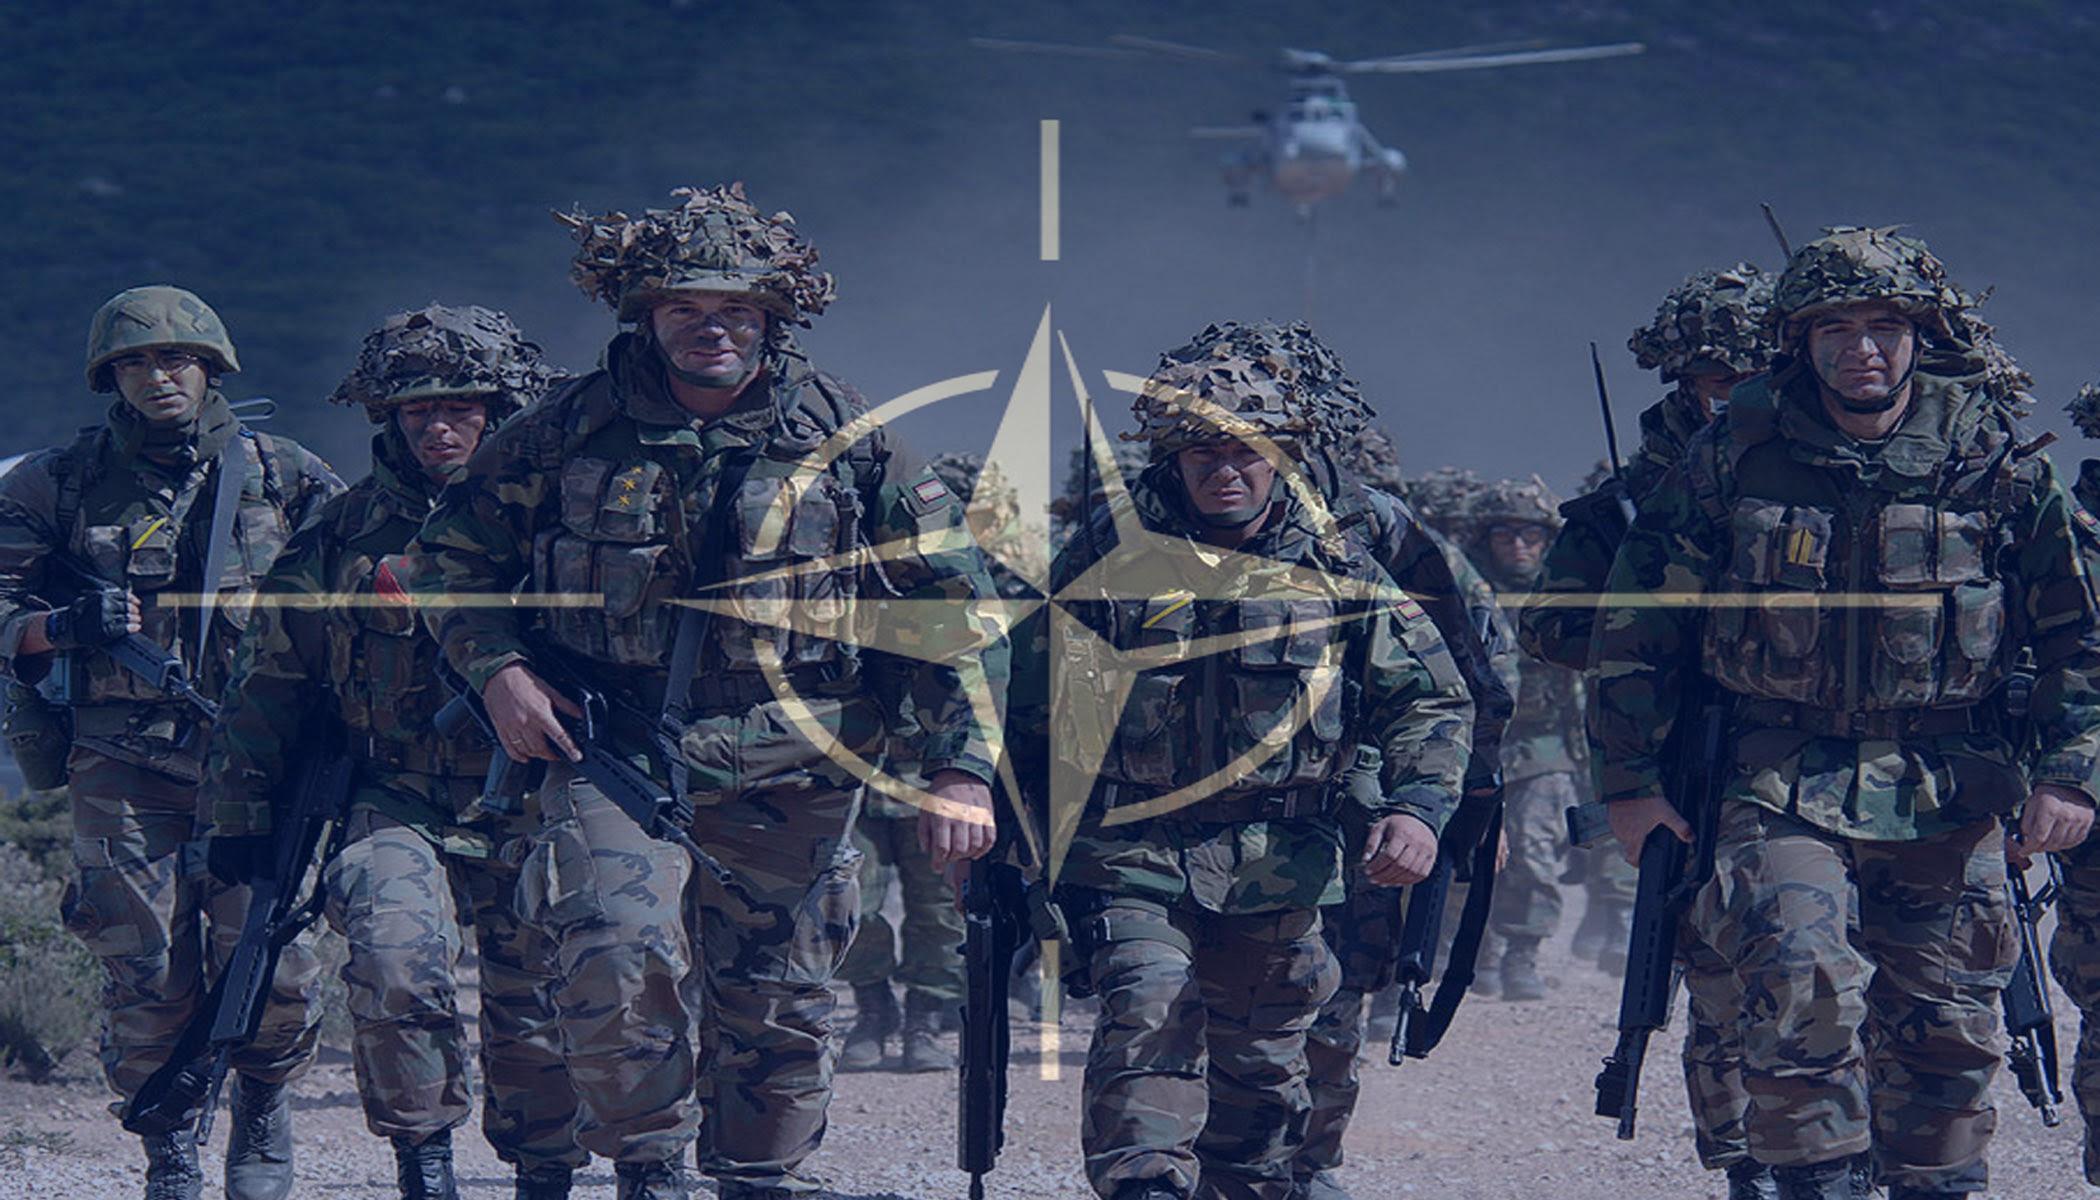 Σφυρίζει αδιάφορα το ΝΑΤΟ απέναντι στην Ρωσία που ζεσταίνει μηχανές